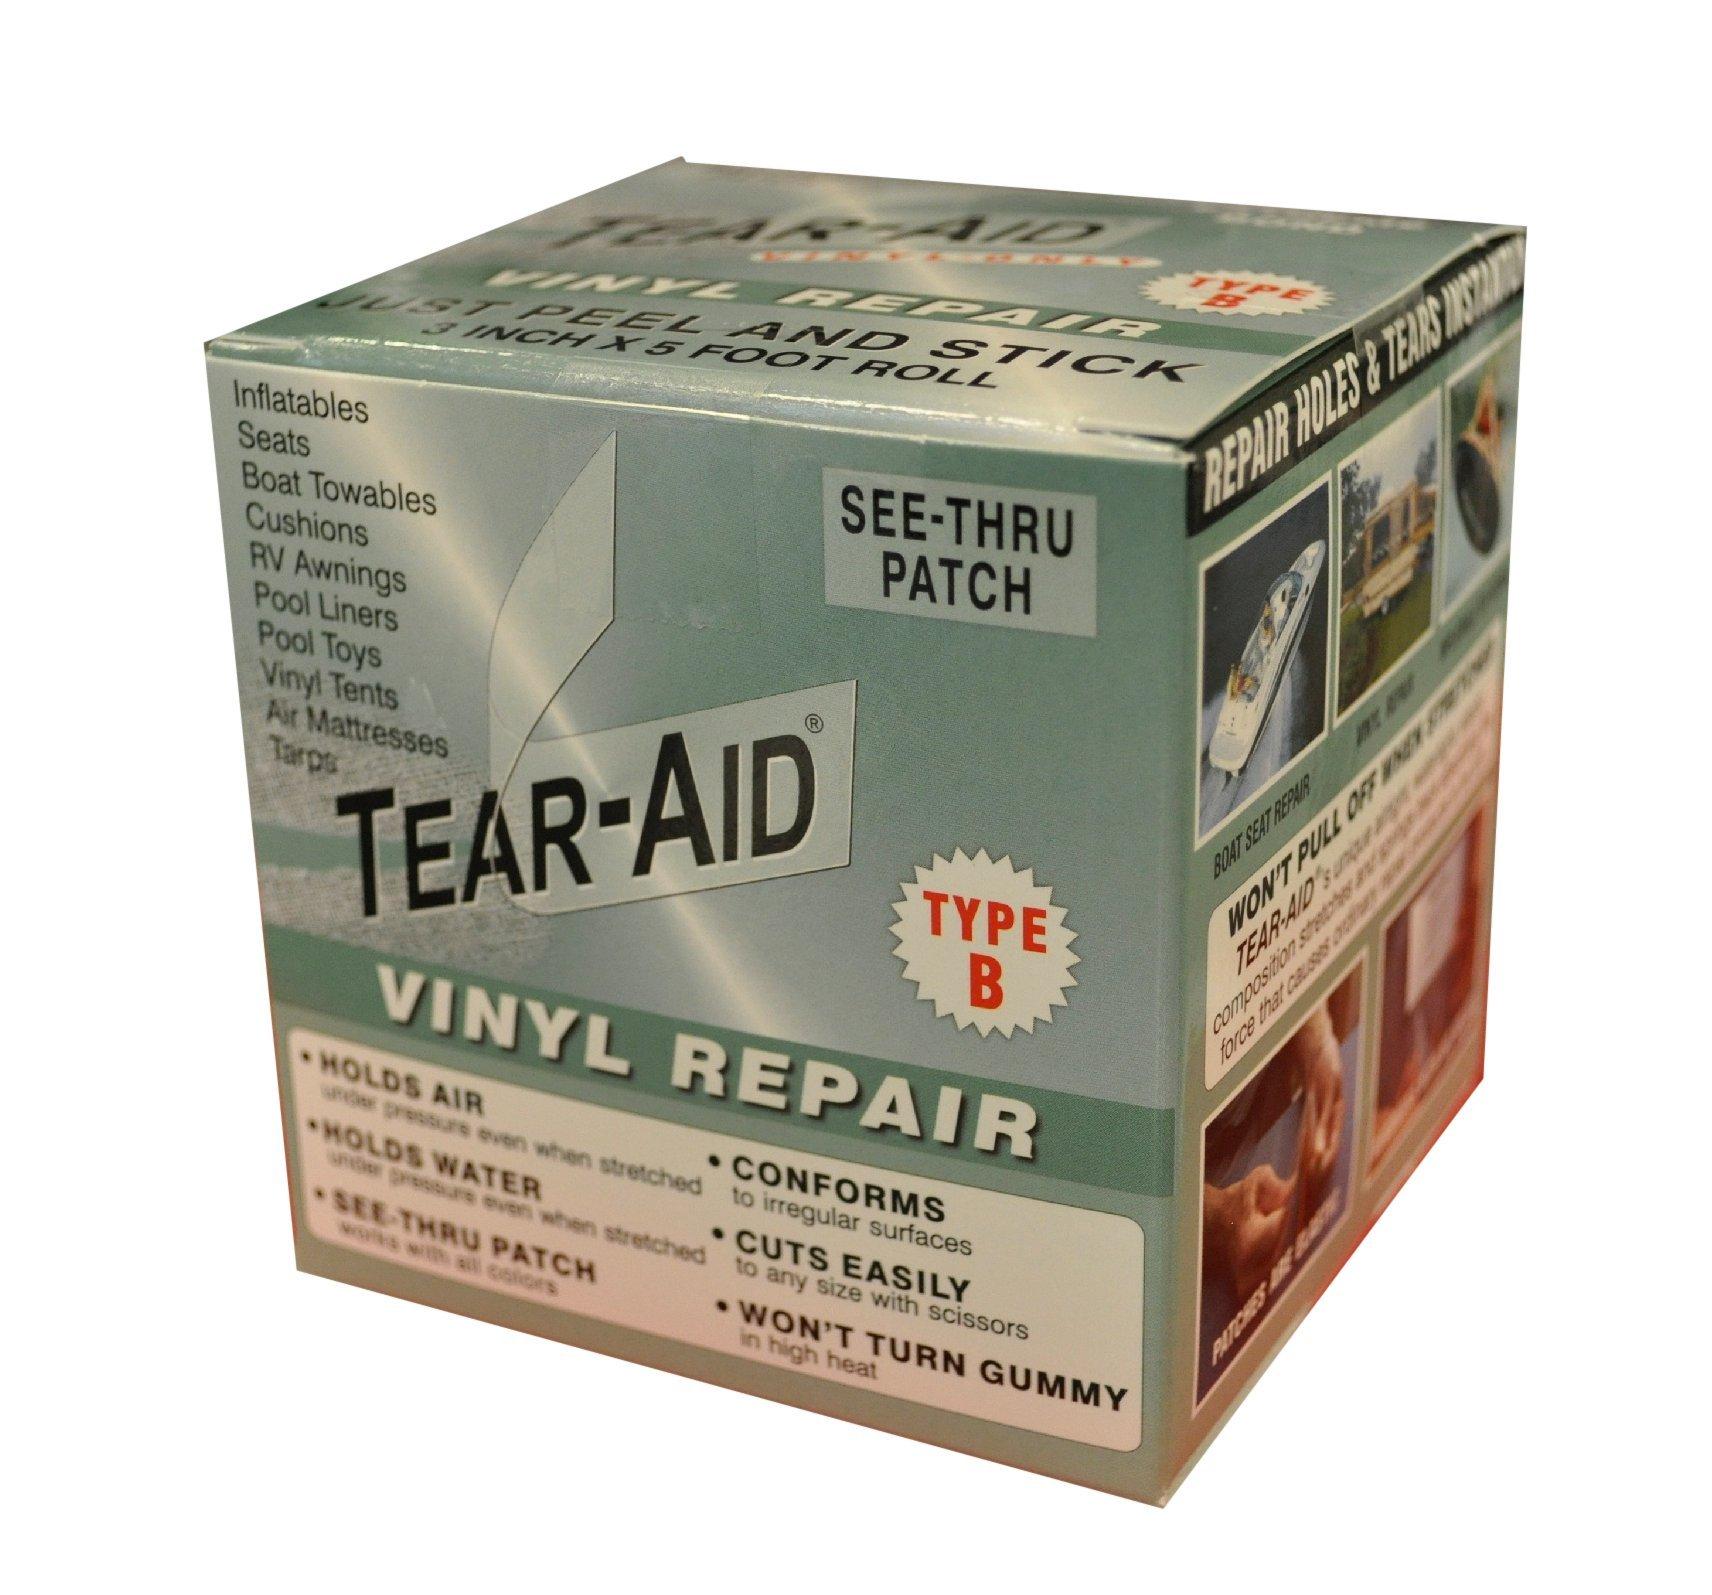 Tear-Aid Vinyl Repair Kit, 3 in x 5 ft Roll, Type B (2 Pack) by Tear-Aid Repair